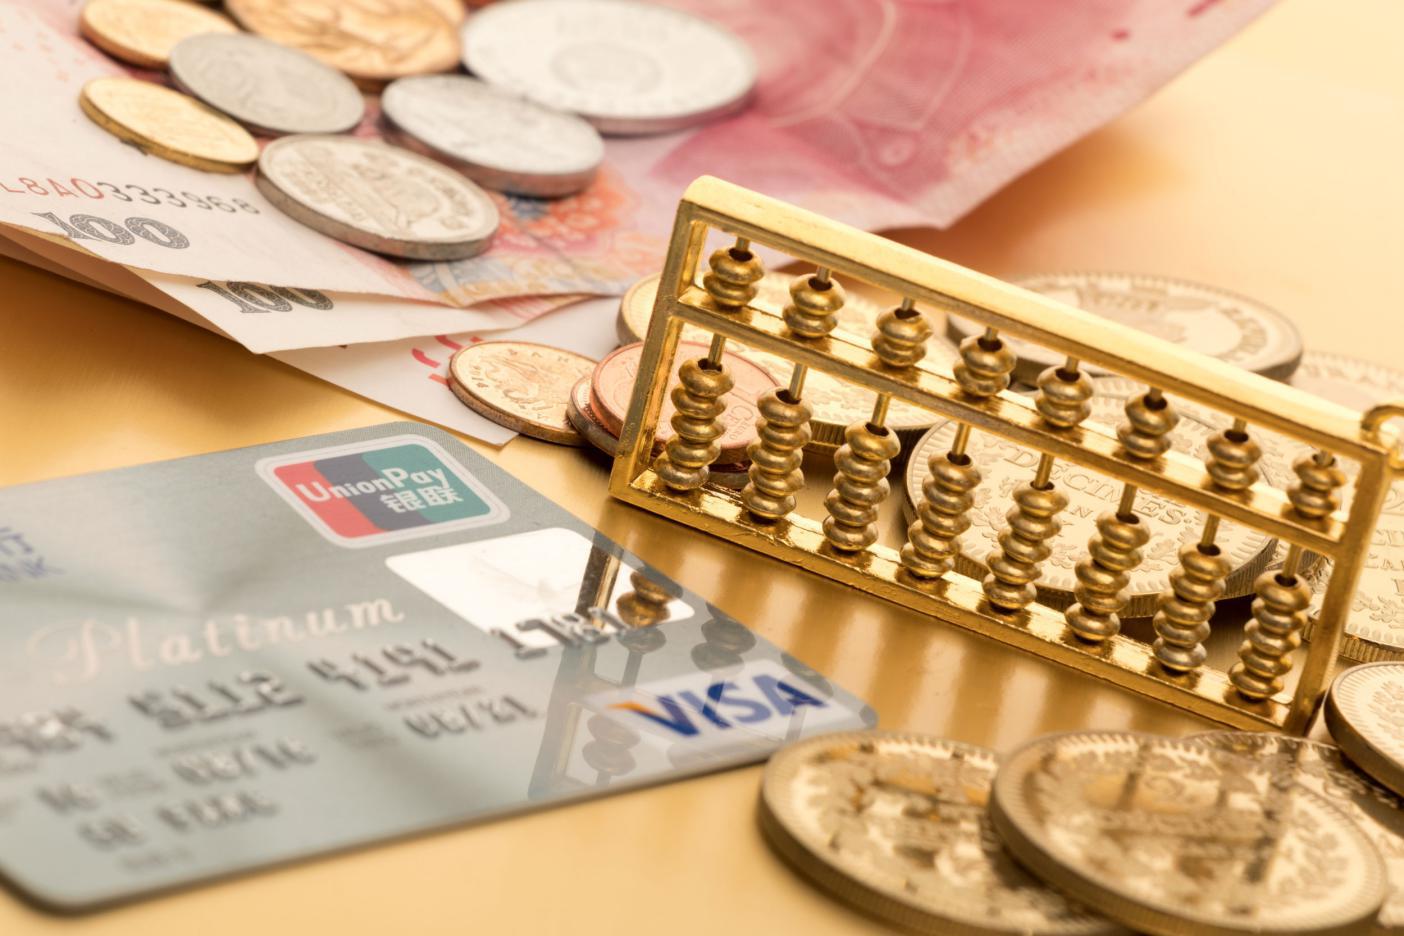 创世金服:利器出击!灵活应对银行消费贷紧缩形式